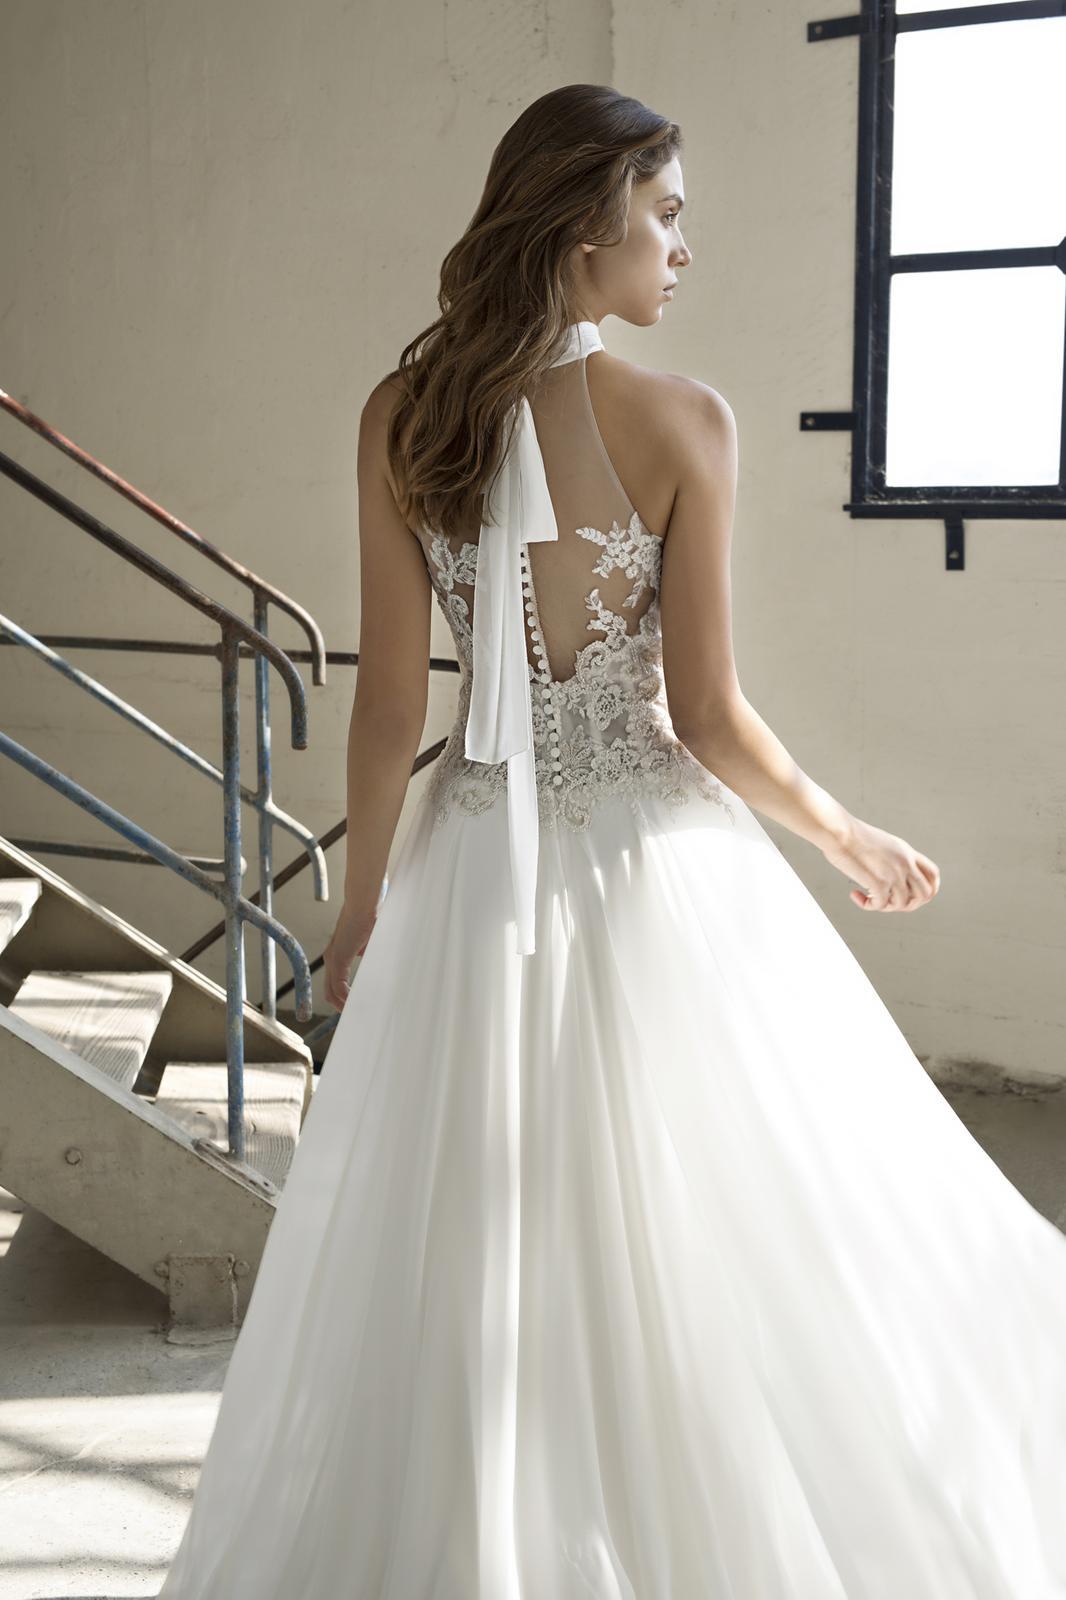 Velký výprodej svatebních šatů! - Model Elba - použité pouze na focení katalogu. Kolekce 2019!!! Cena 12 200,-